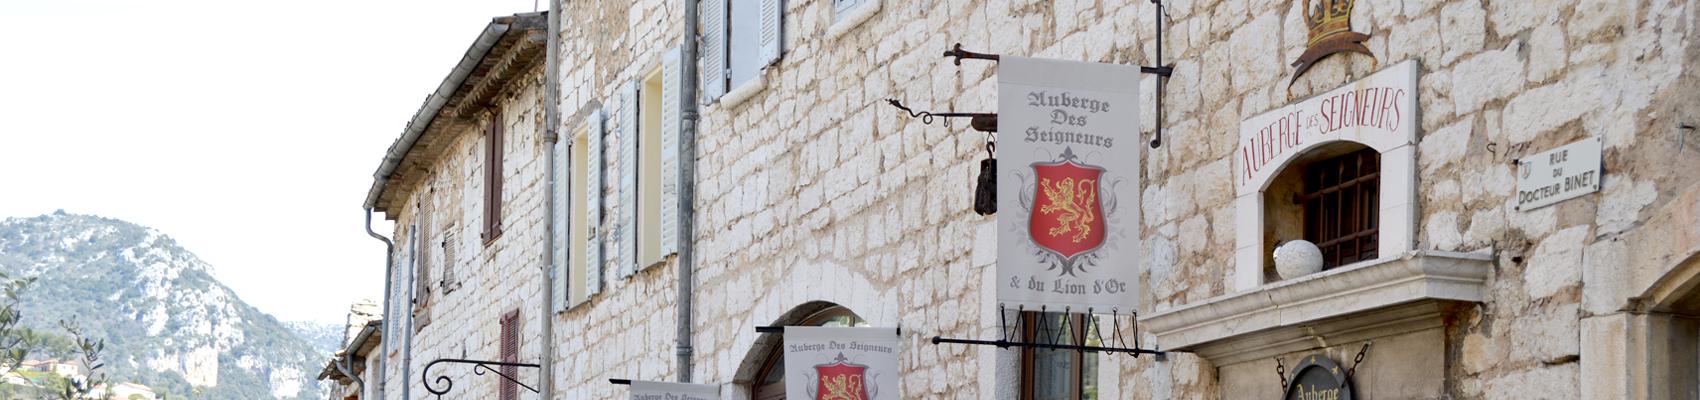 Haut façade Auberge des Seigneurs